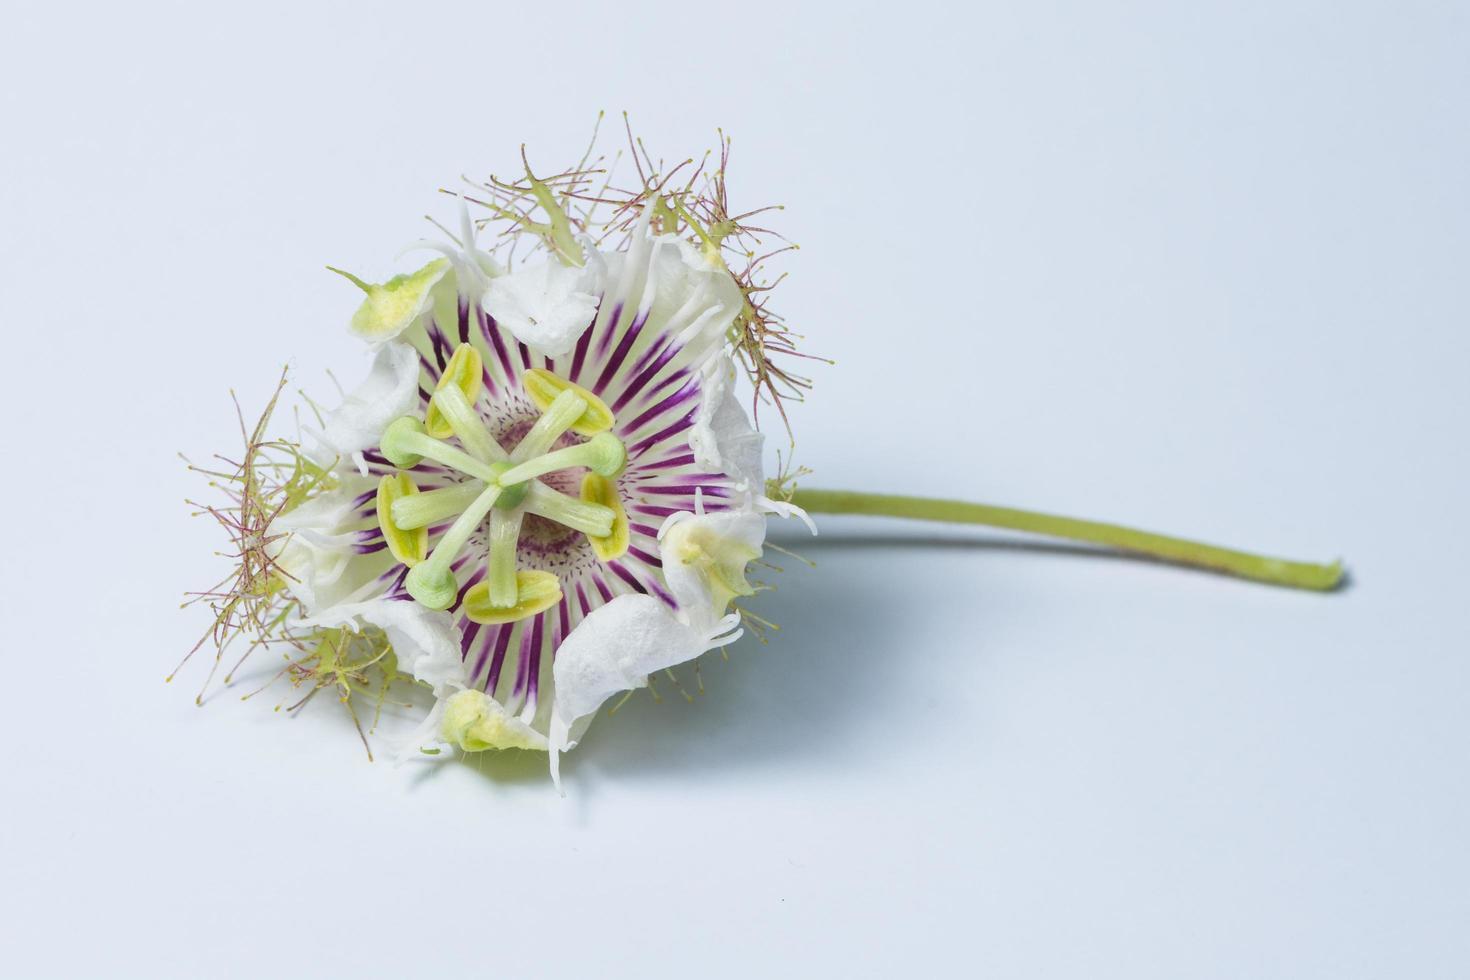 flor morada y blanca sobre fondo blanco foto